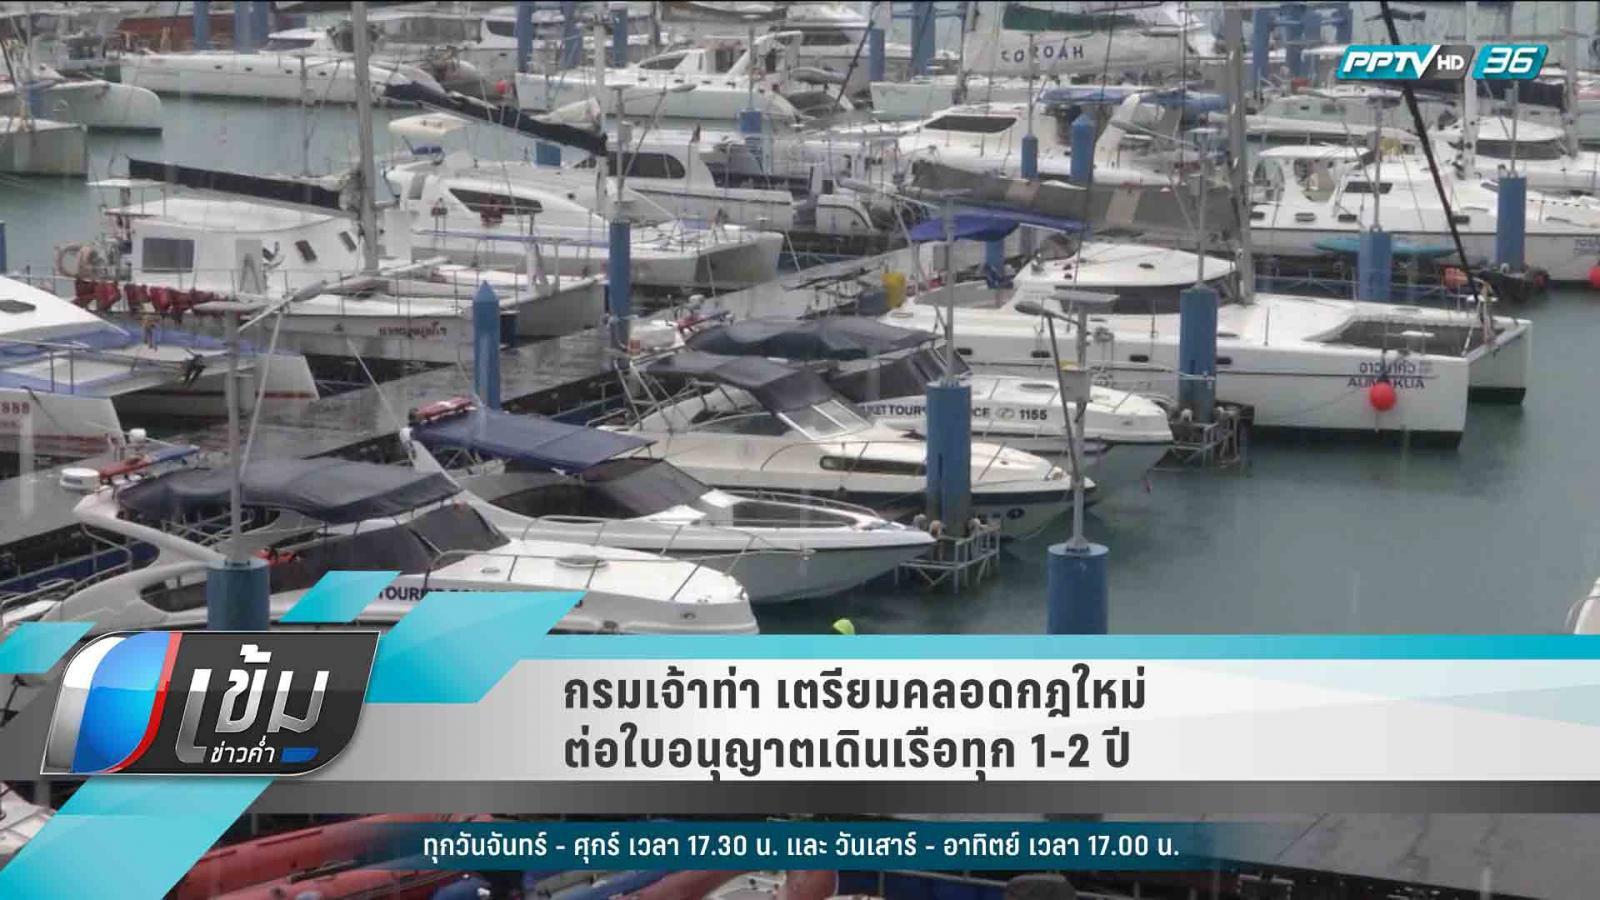 กรมเจ้าท่า เตรียมคลอดกฎใหม่ต่อใบอนุญาตเดินเรือทุก 1-2 ปี